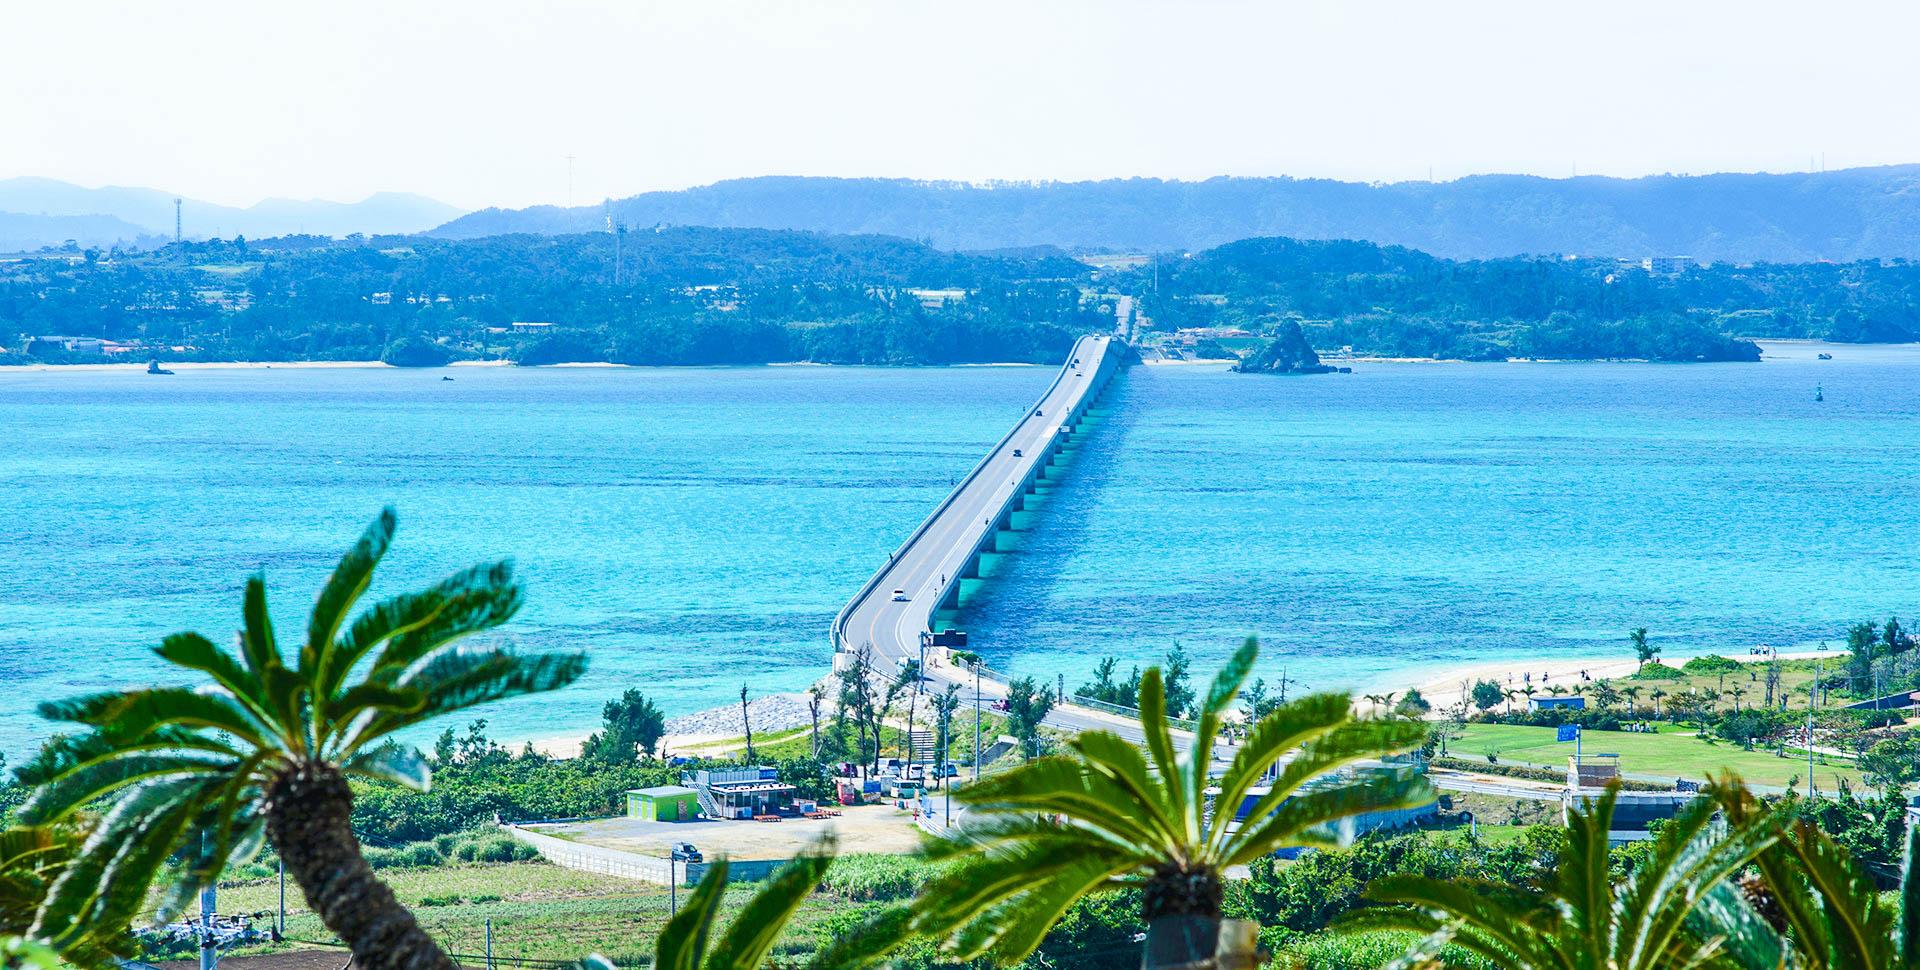 Okinawa one day bus tour Kouri Island+Churaumi Aquarium+Okashi Goten+Cape Manzamo+Ryukyu Village